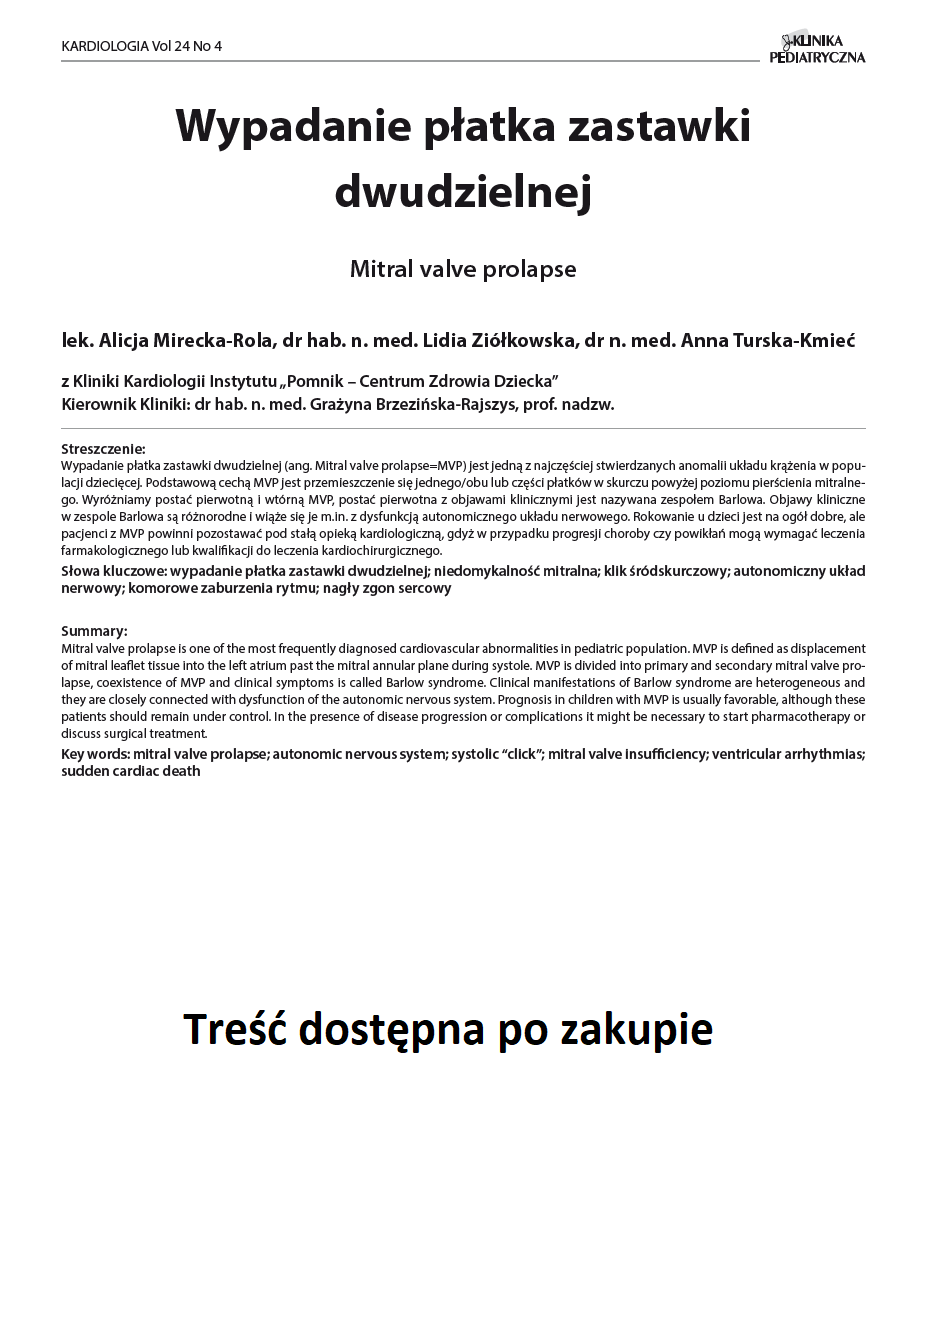 KP 4 -2016- Wypadanie płatka zastawki dwudzielnej